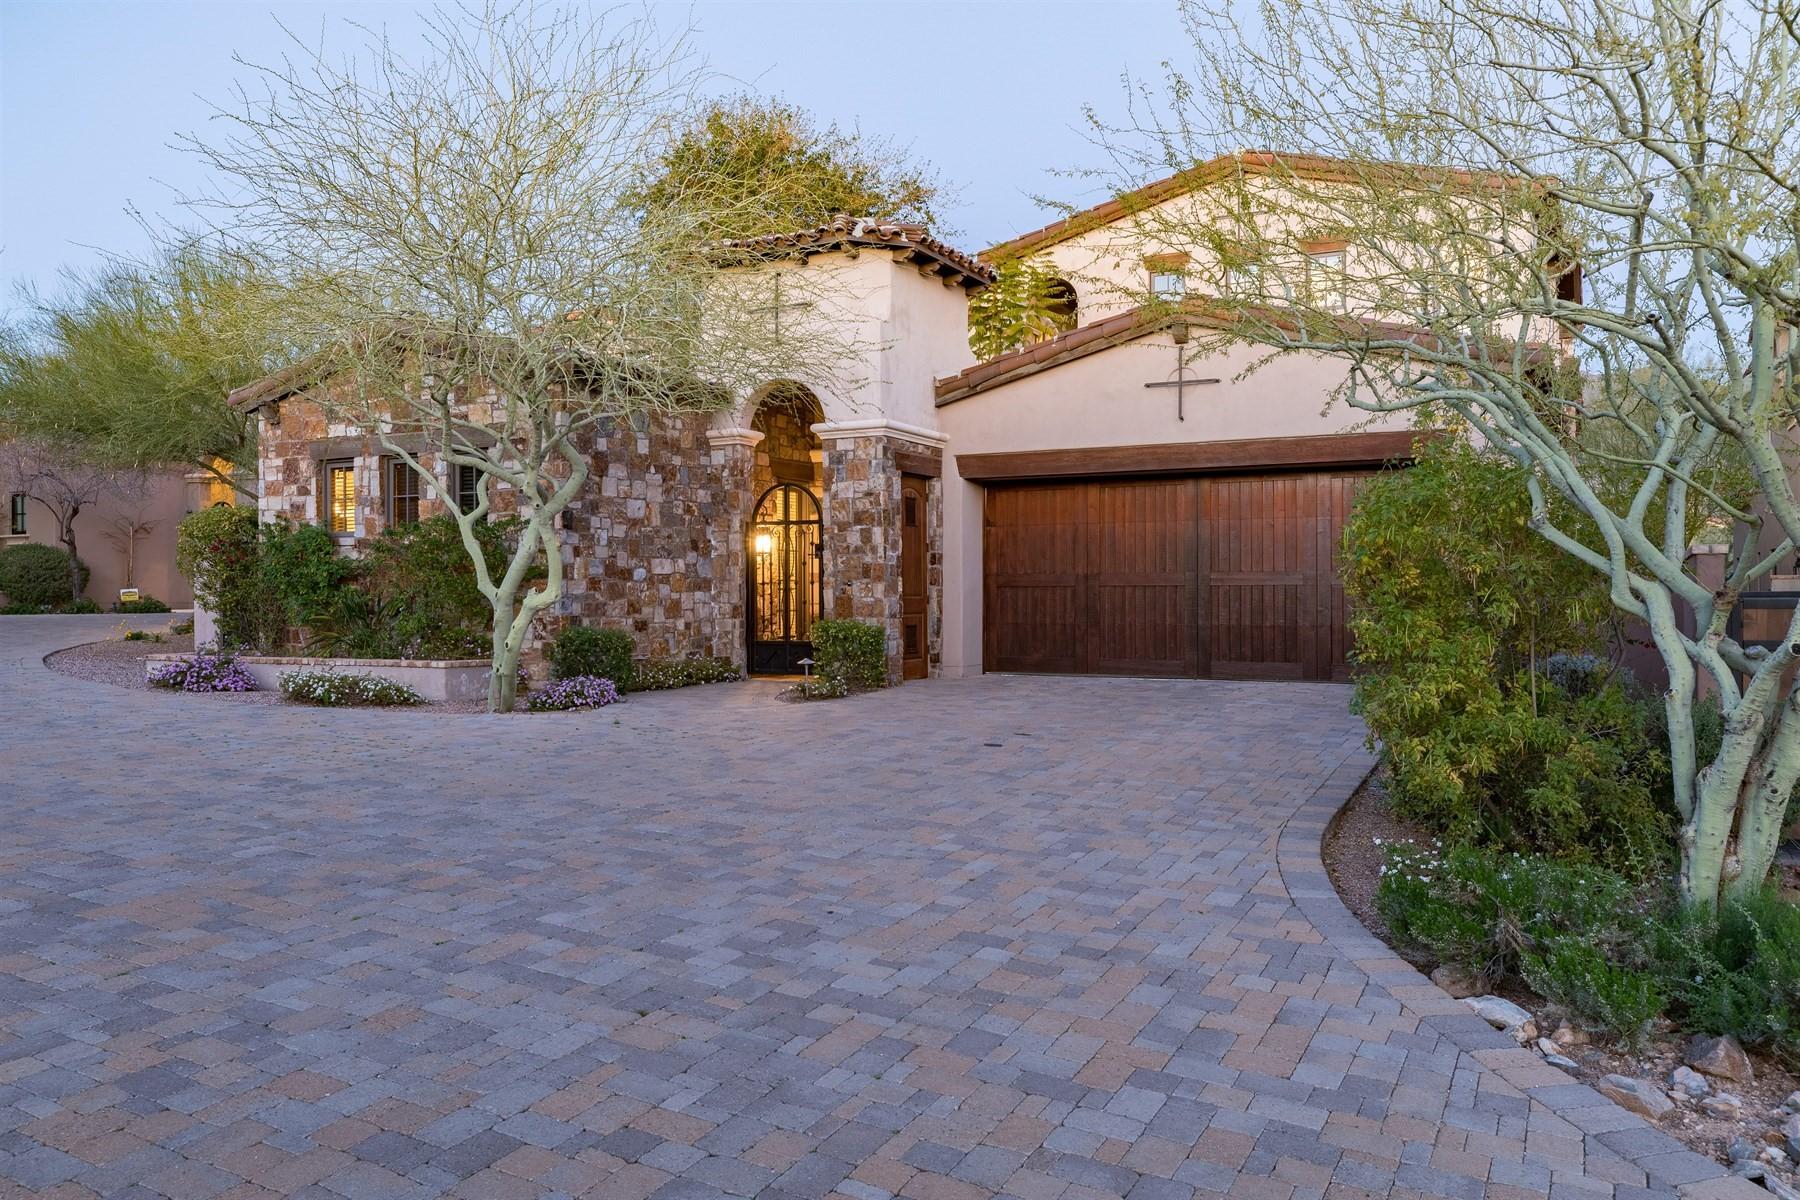 一戸建て のために 売買 アット Luxurious residence within Silverleaf's Guard Gates 19445 N 101st St Scottsdale, アリゾナ, 85255 アメリカ合衆国